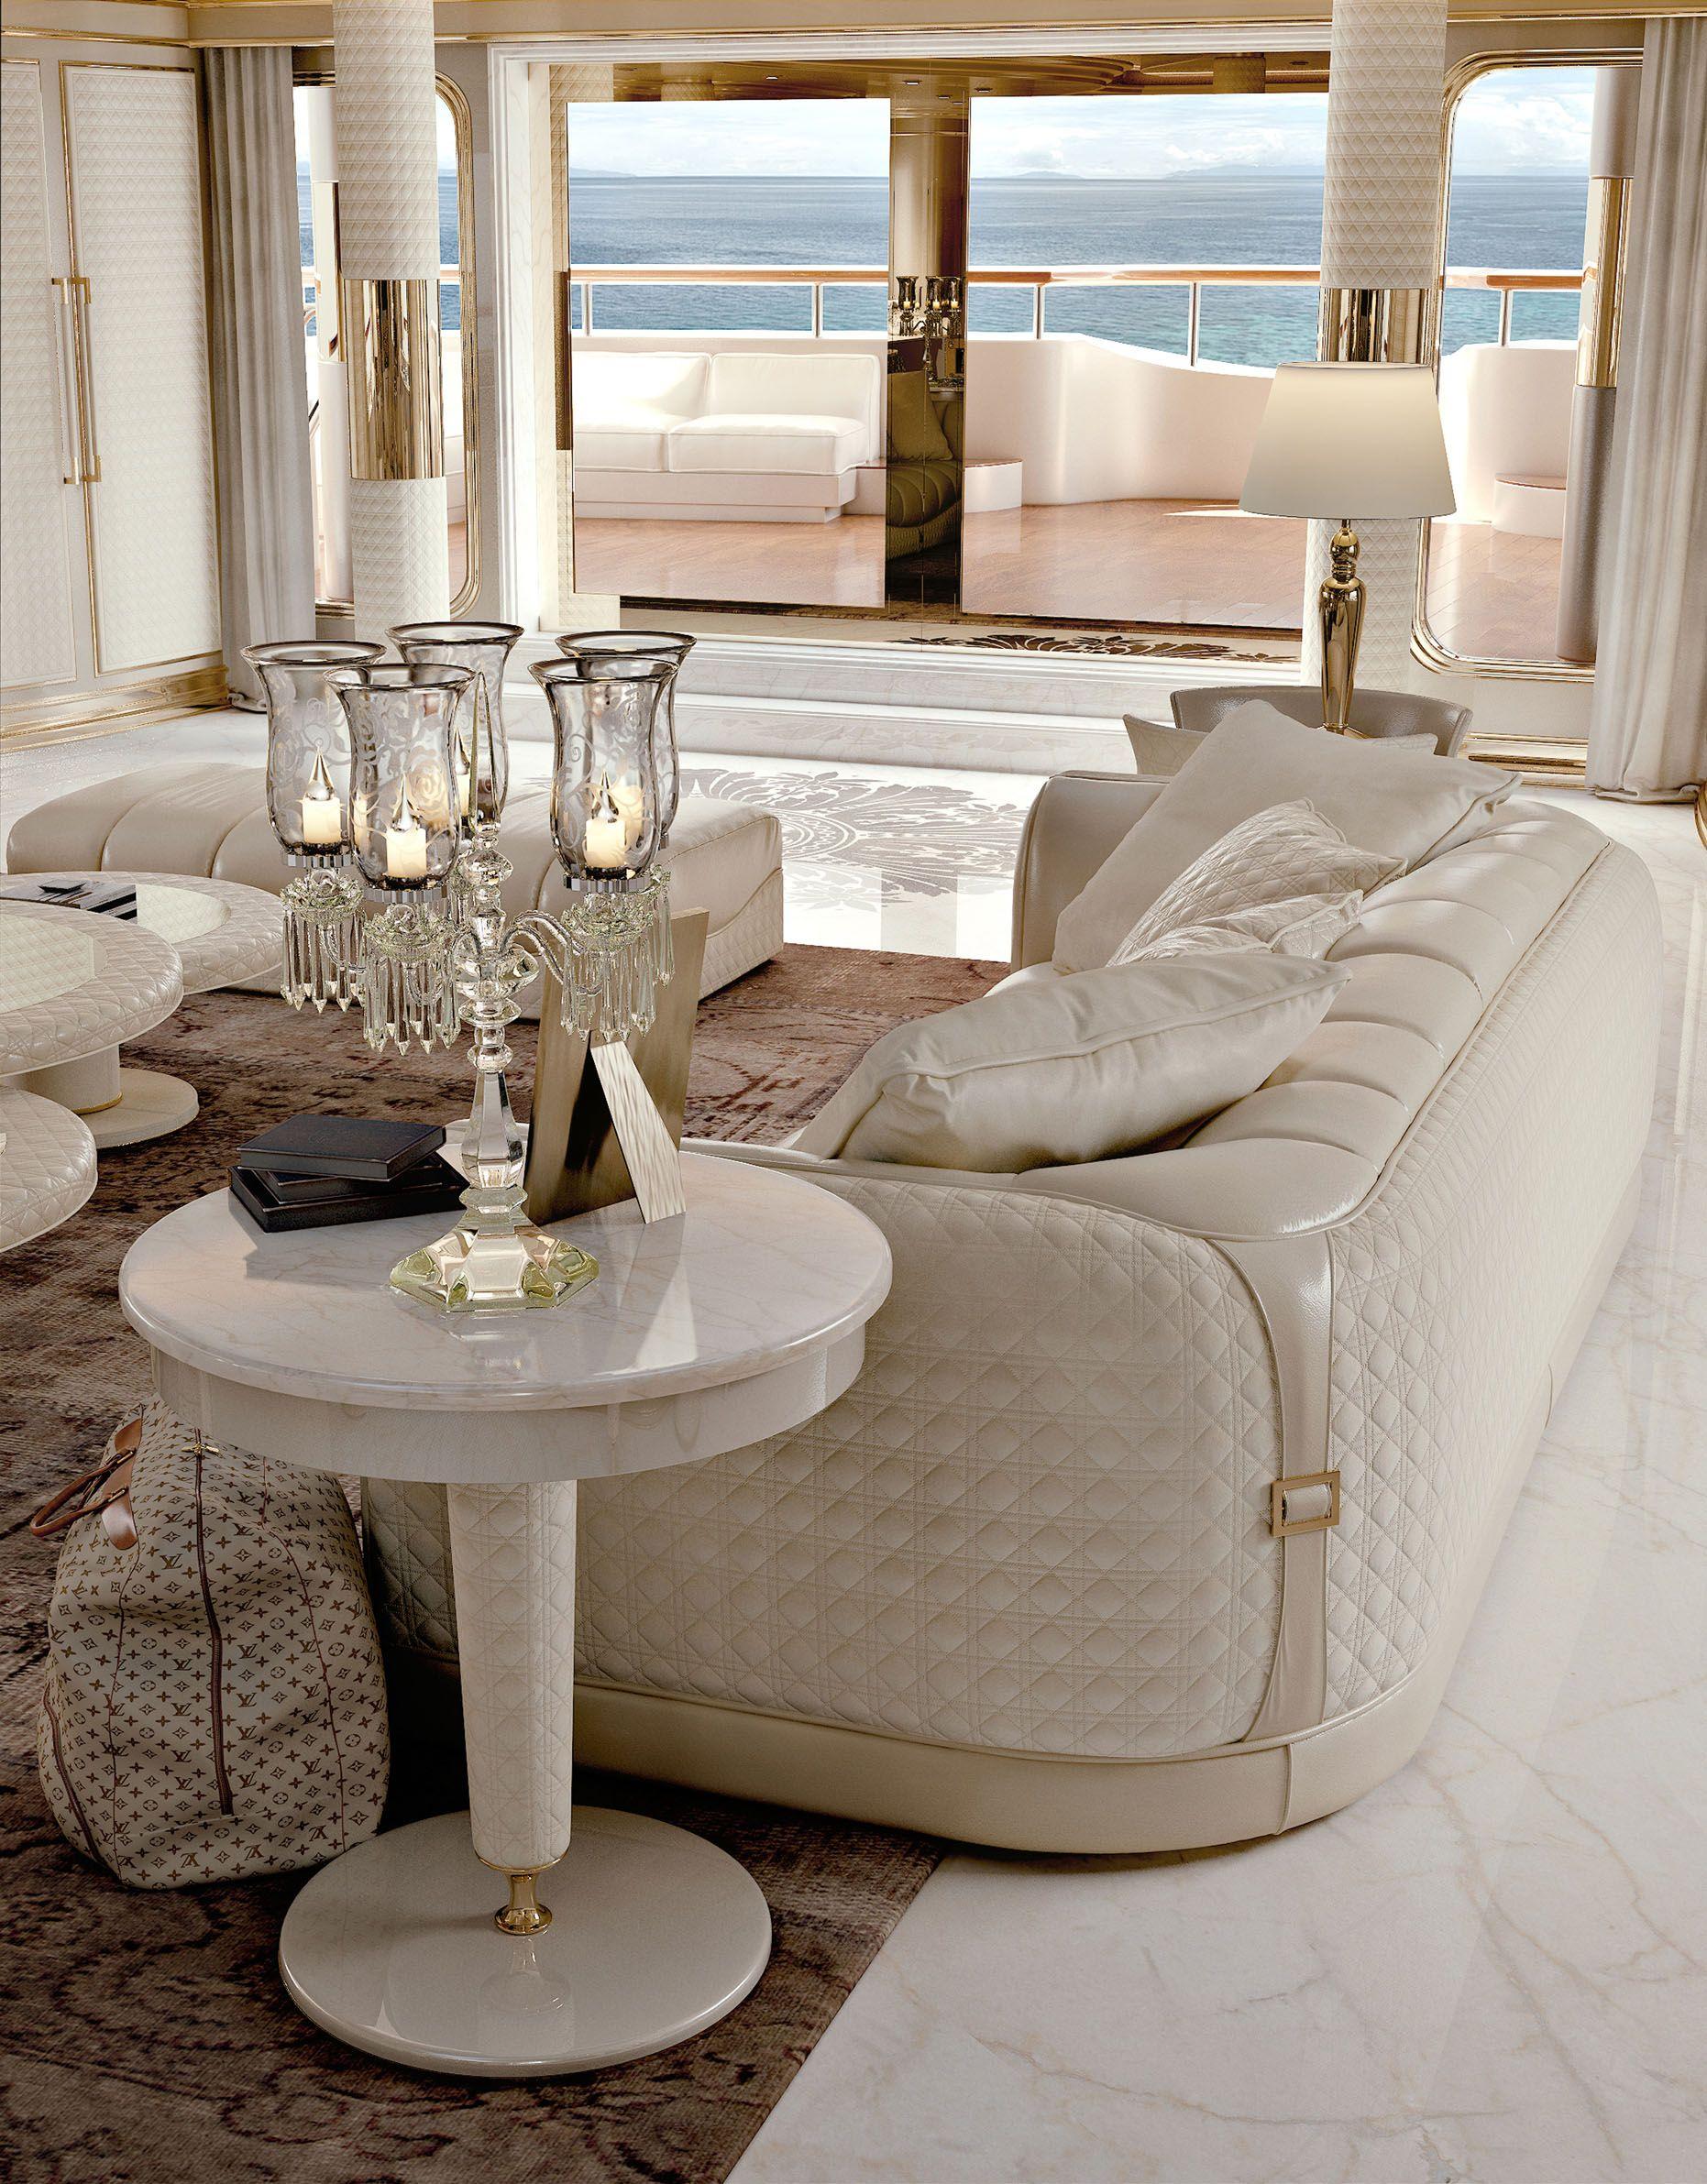 Living Room Sofa Design, Sofa